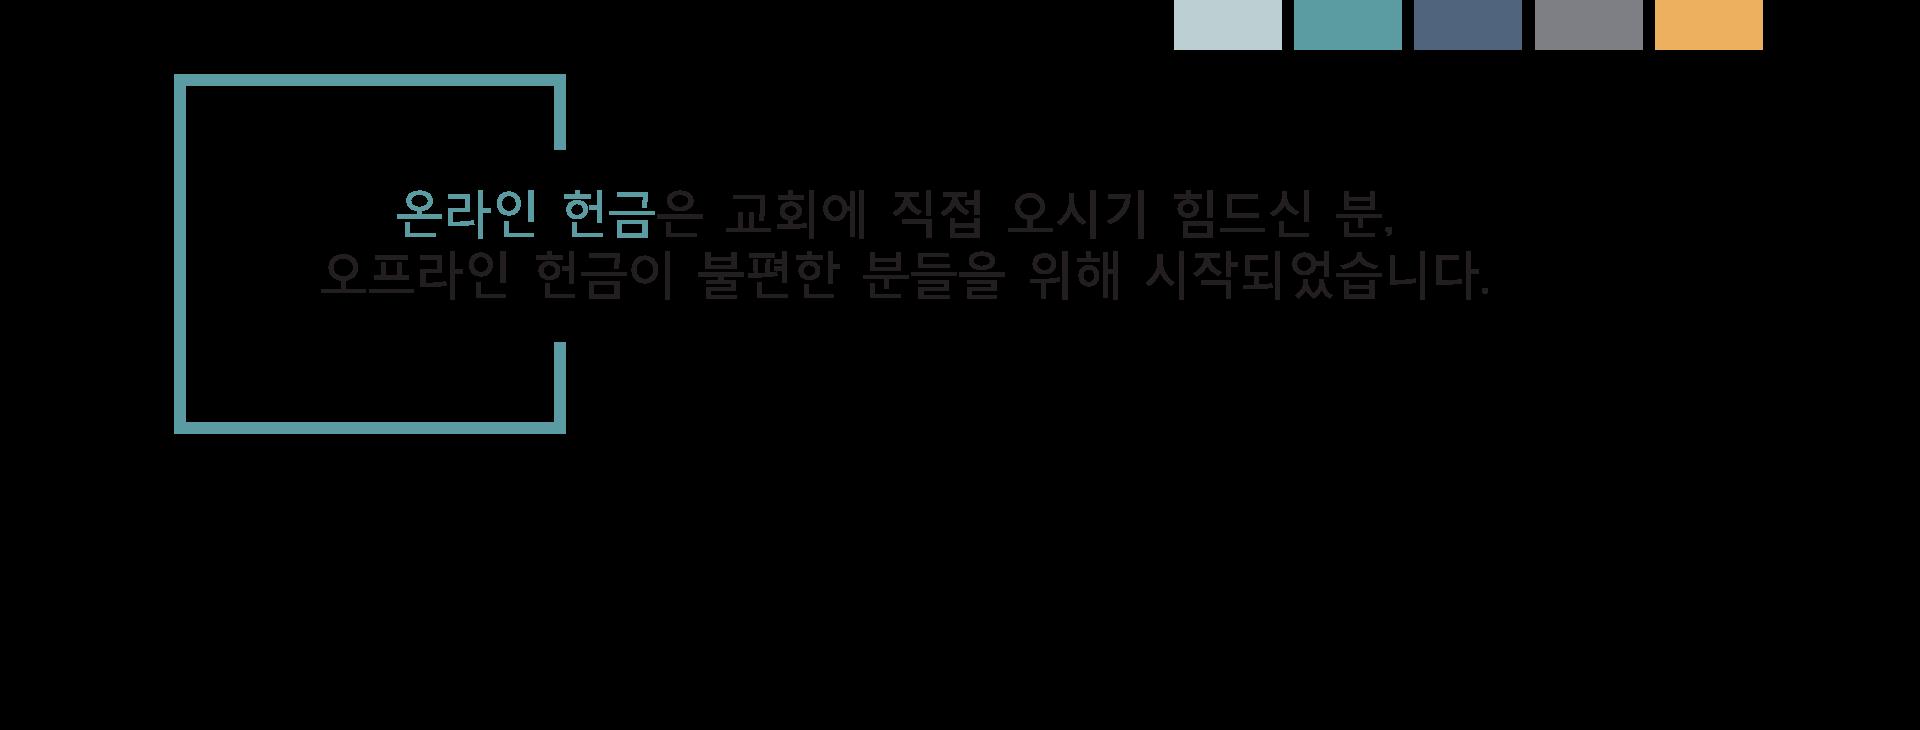 첫페이지_re